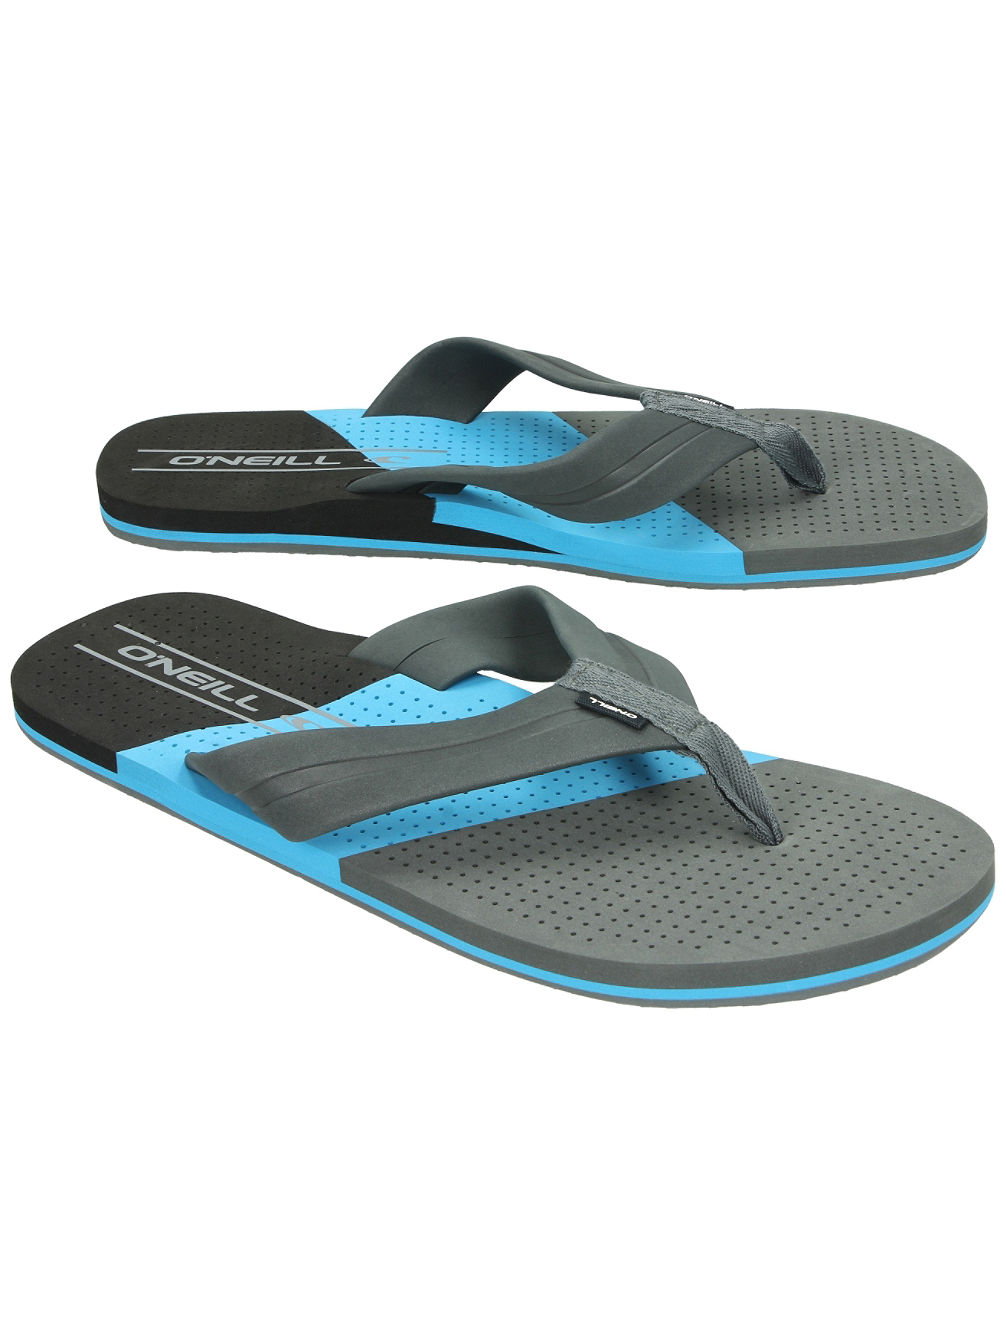 o-neill-imprint-punch-sandals